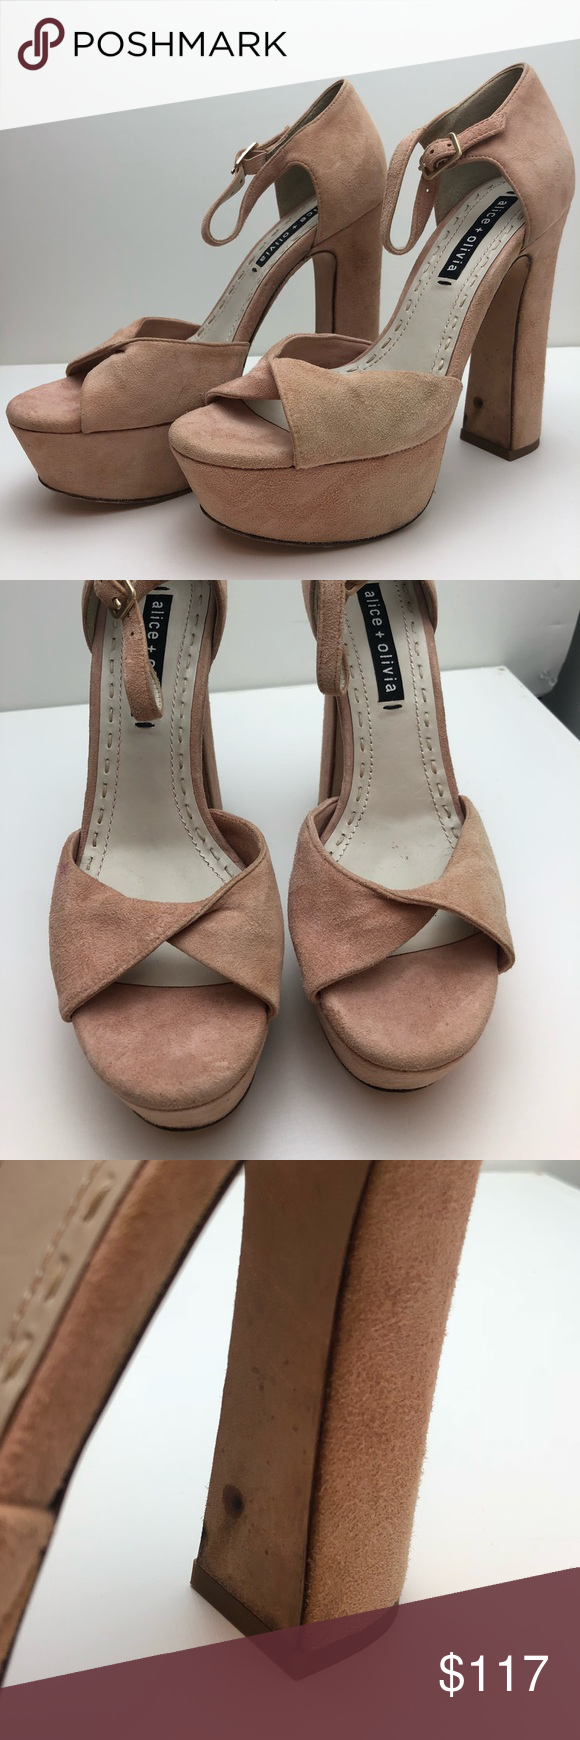 d74ab7ffea05 Alice   Olivia Layla suede platform sandals Alice and Olivia Layla suede platform  sandals - never